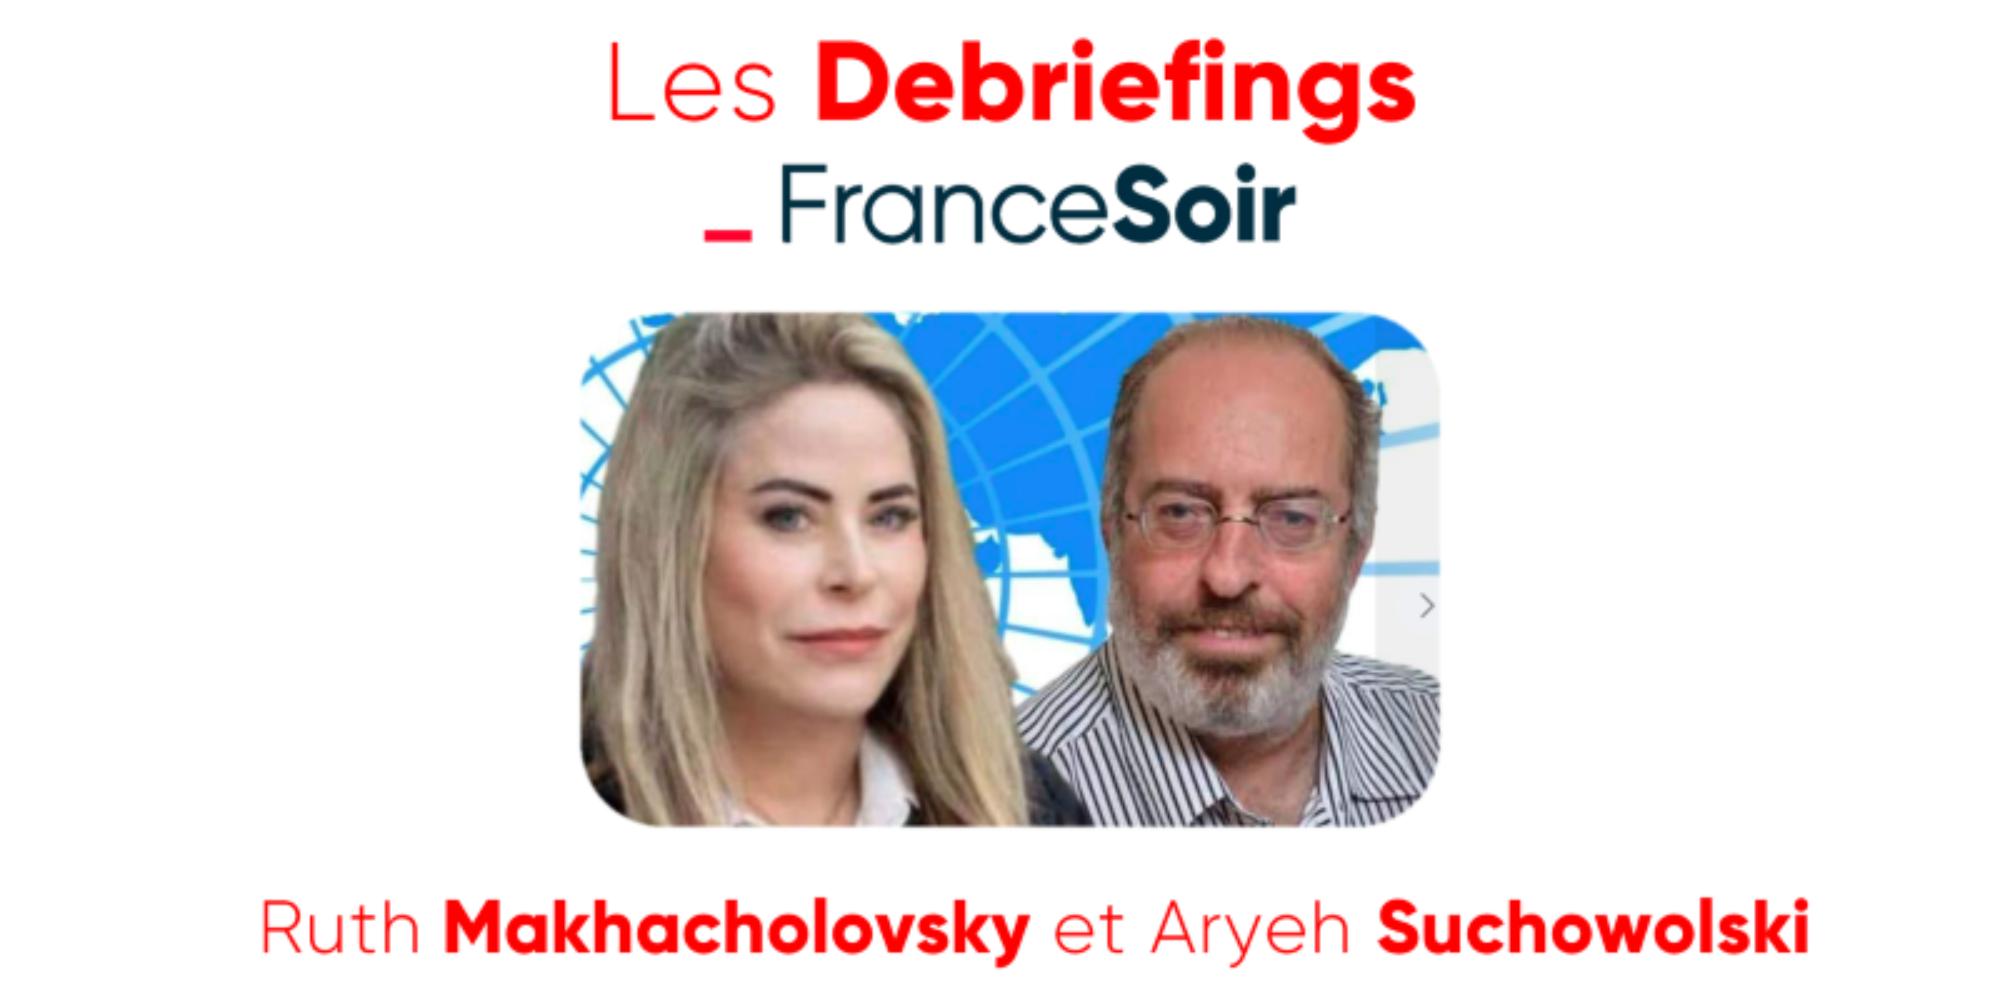 Ruth Makhacholovsky et Aryeh Suchowolski, la plainte à la Cour pénale internationale